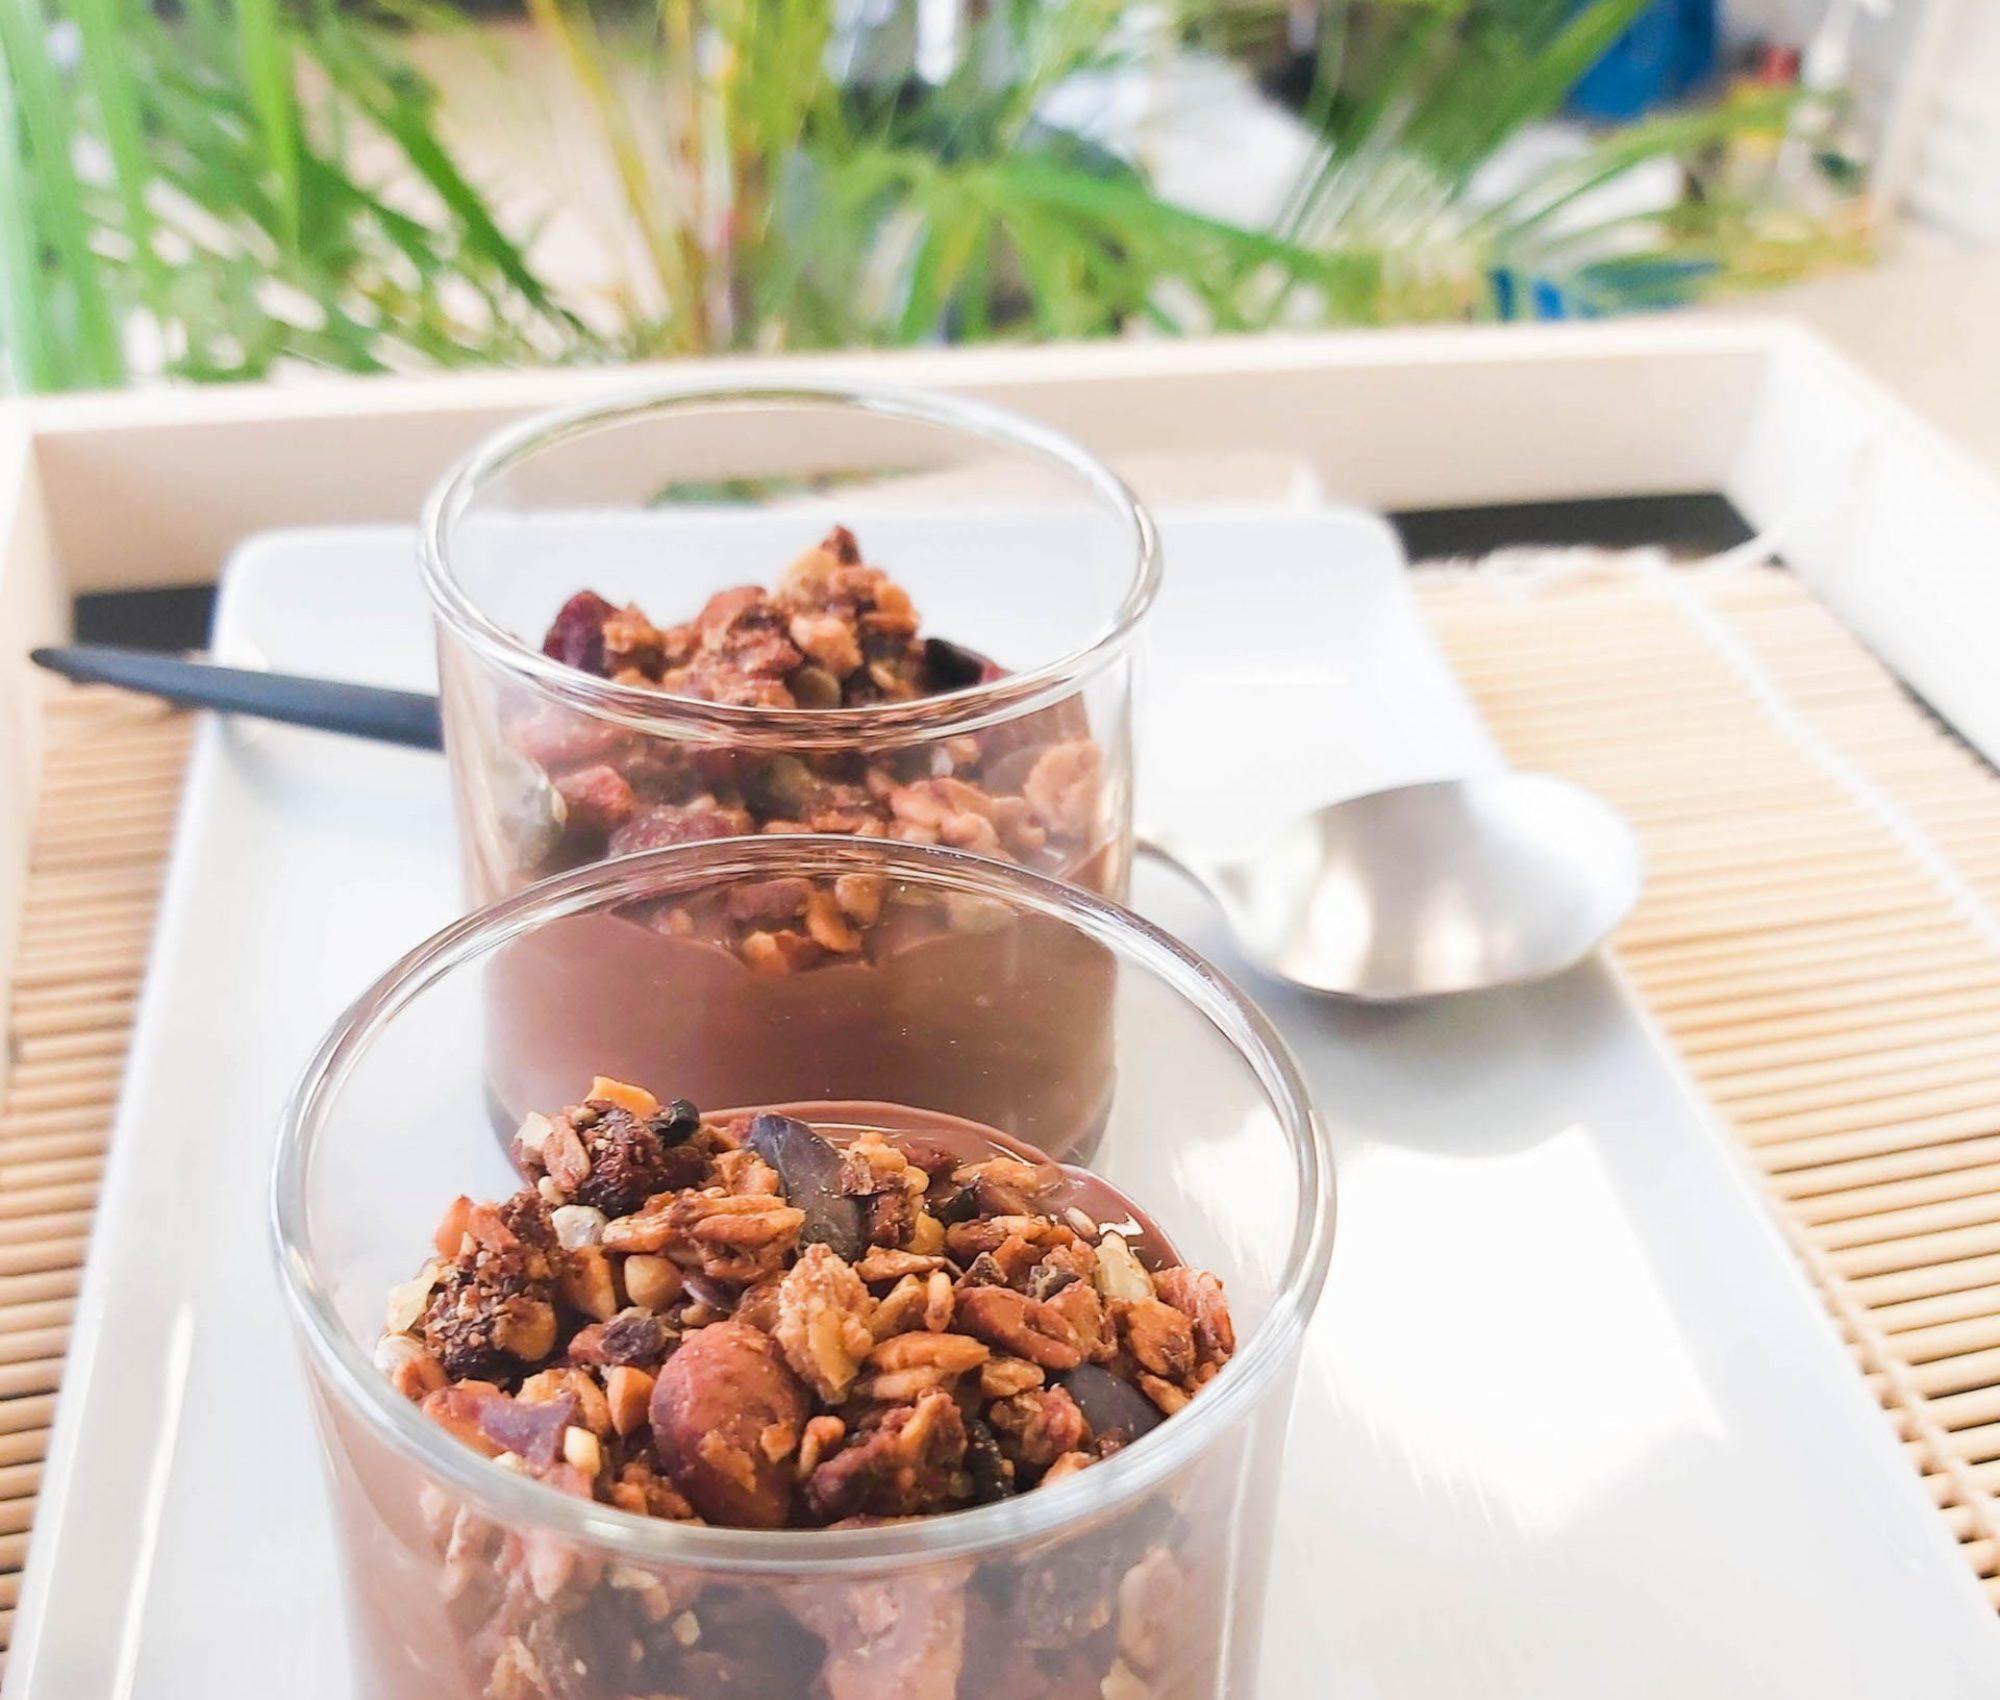 Image for Verrine au chocolat et granola maison